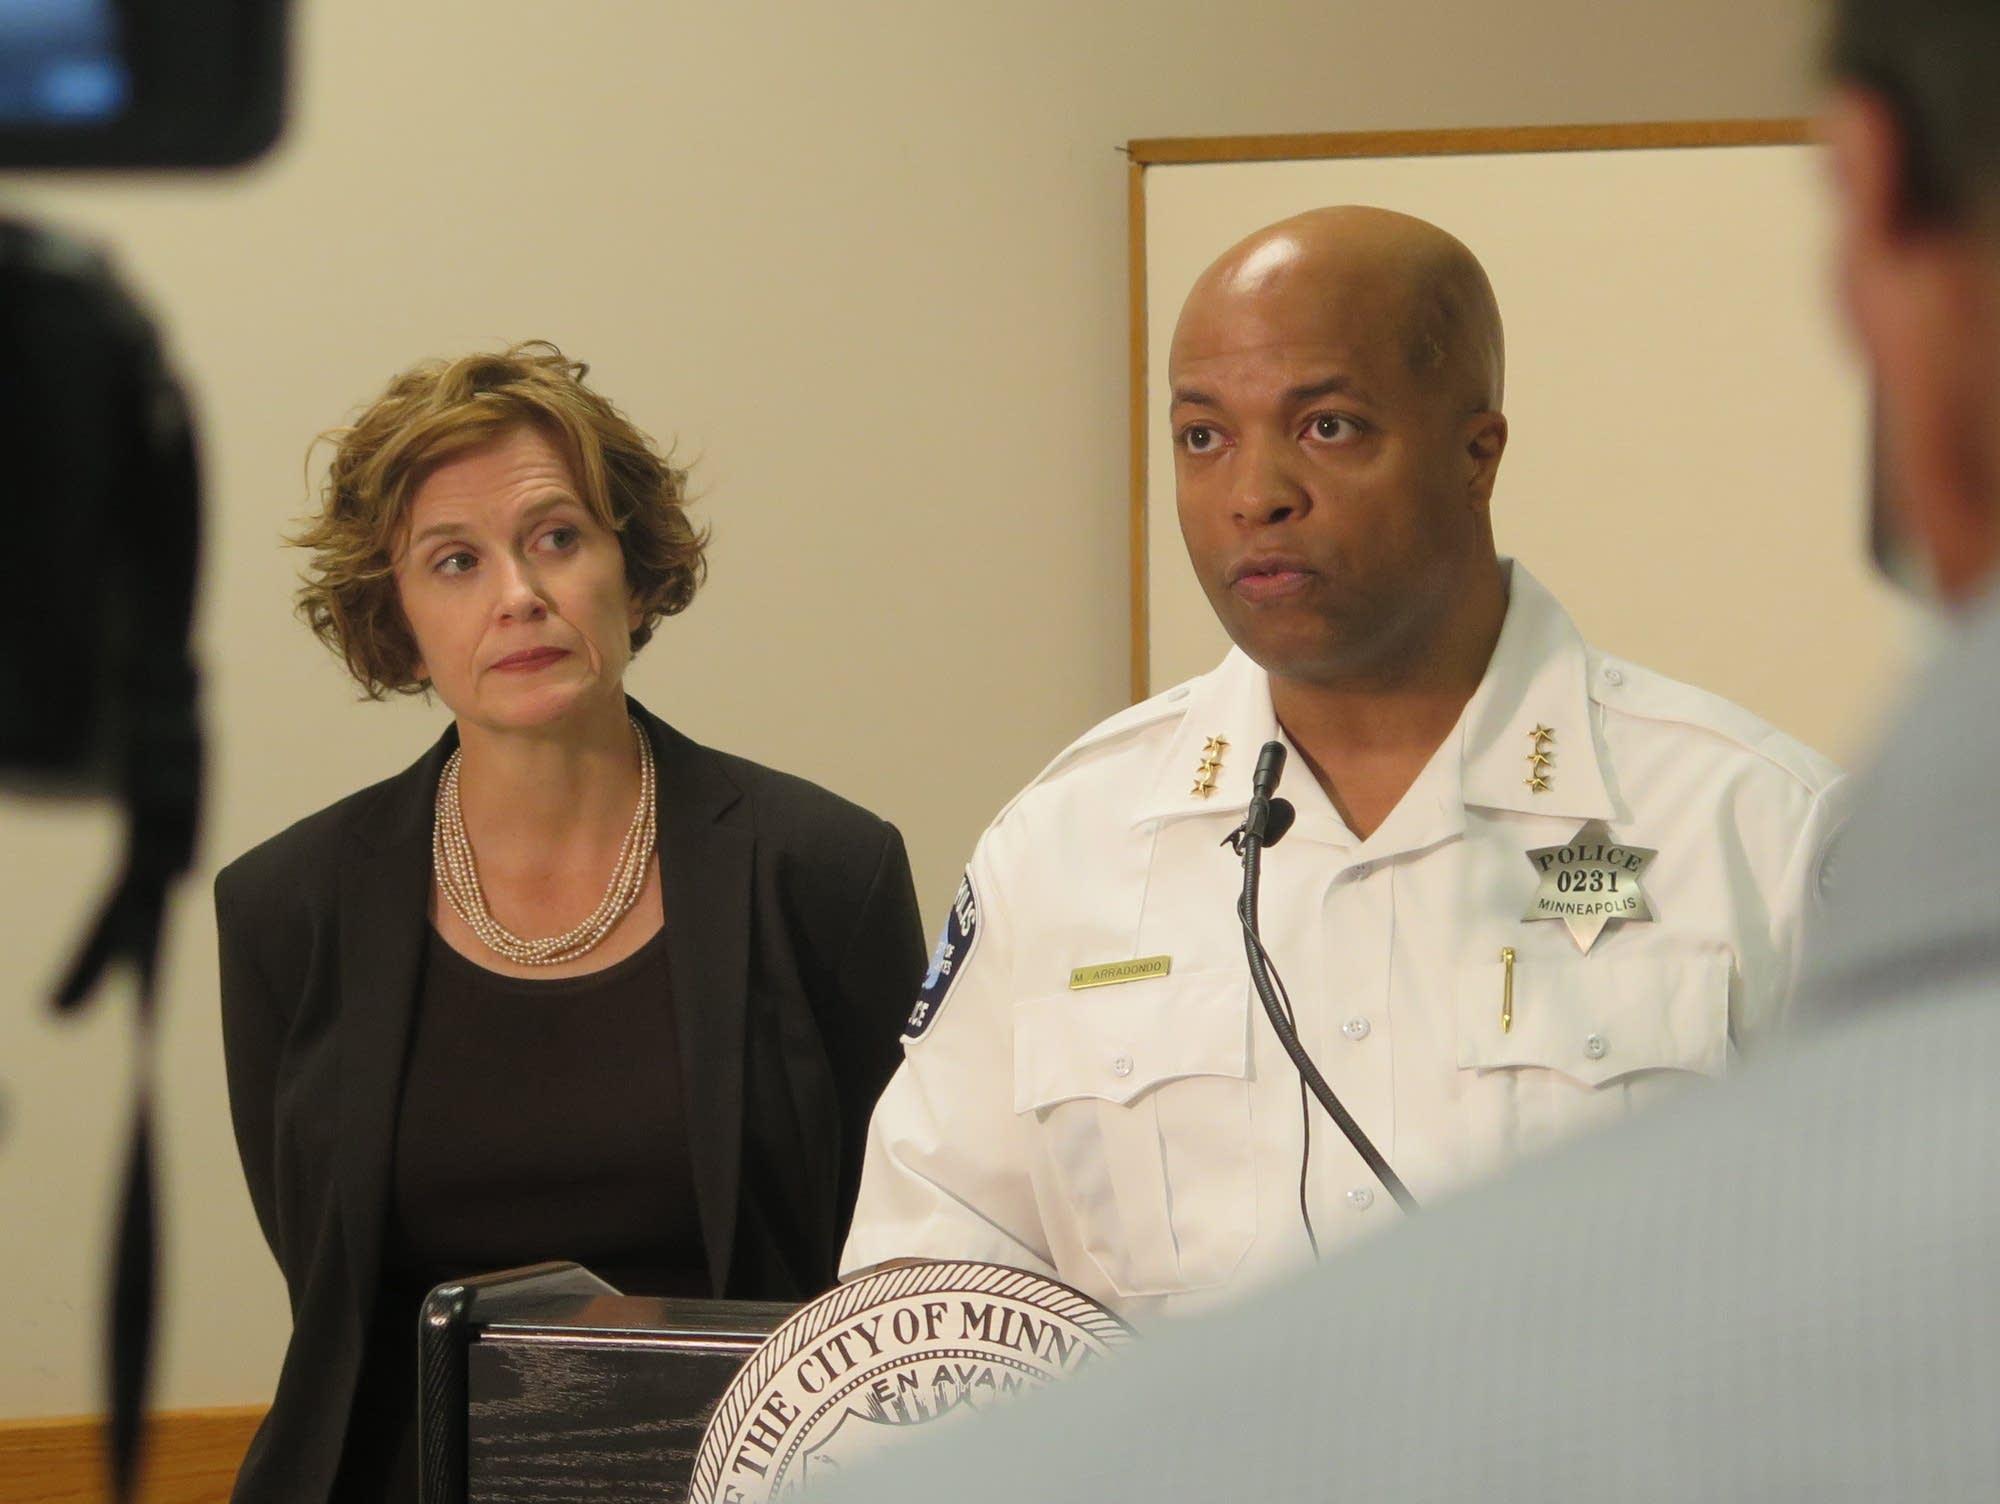 Assistant Police Chief Mederia Arradondo